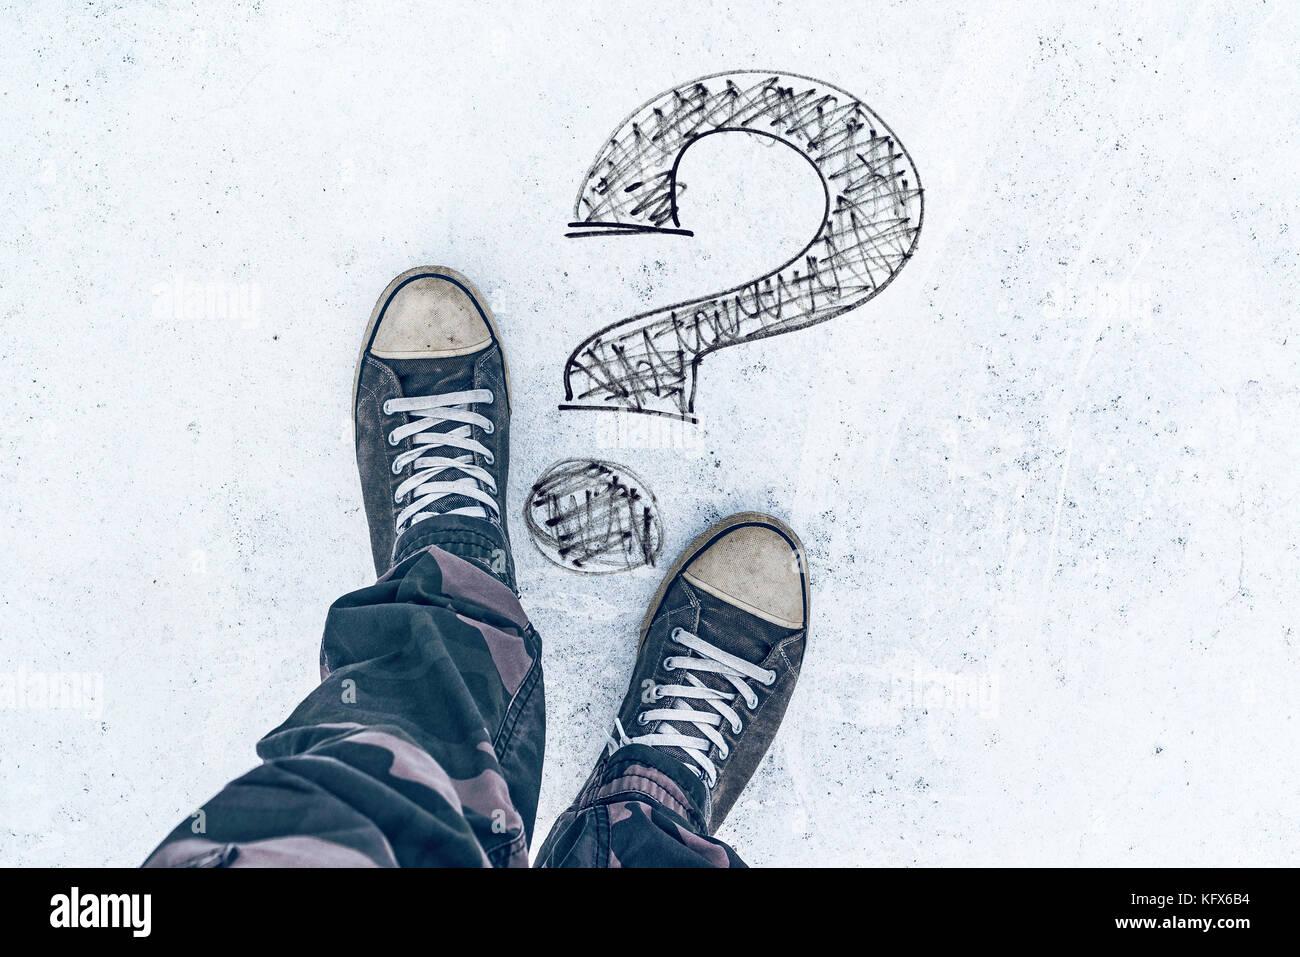 El signo de interrogación en la carretera y zapatillas, preguntándose y preguntando Imagen De Stock